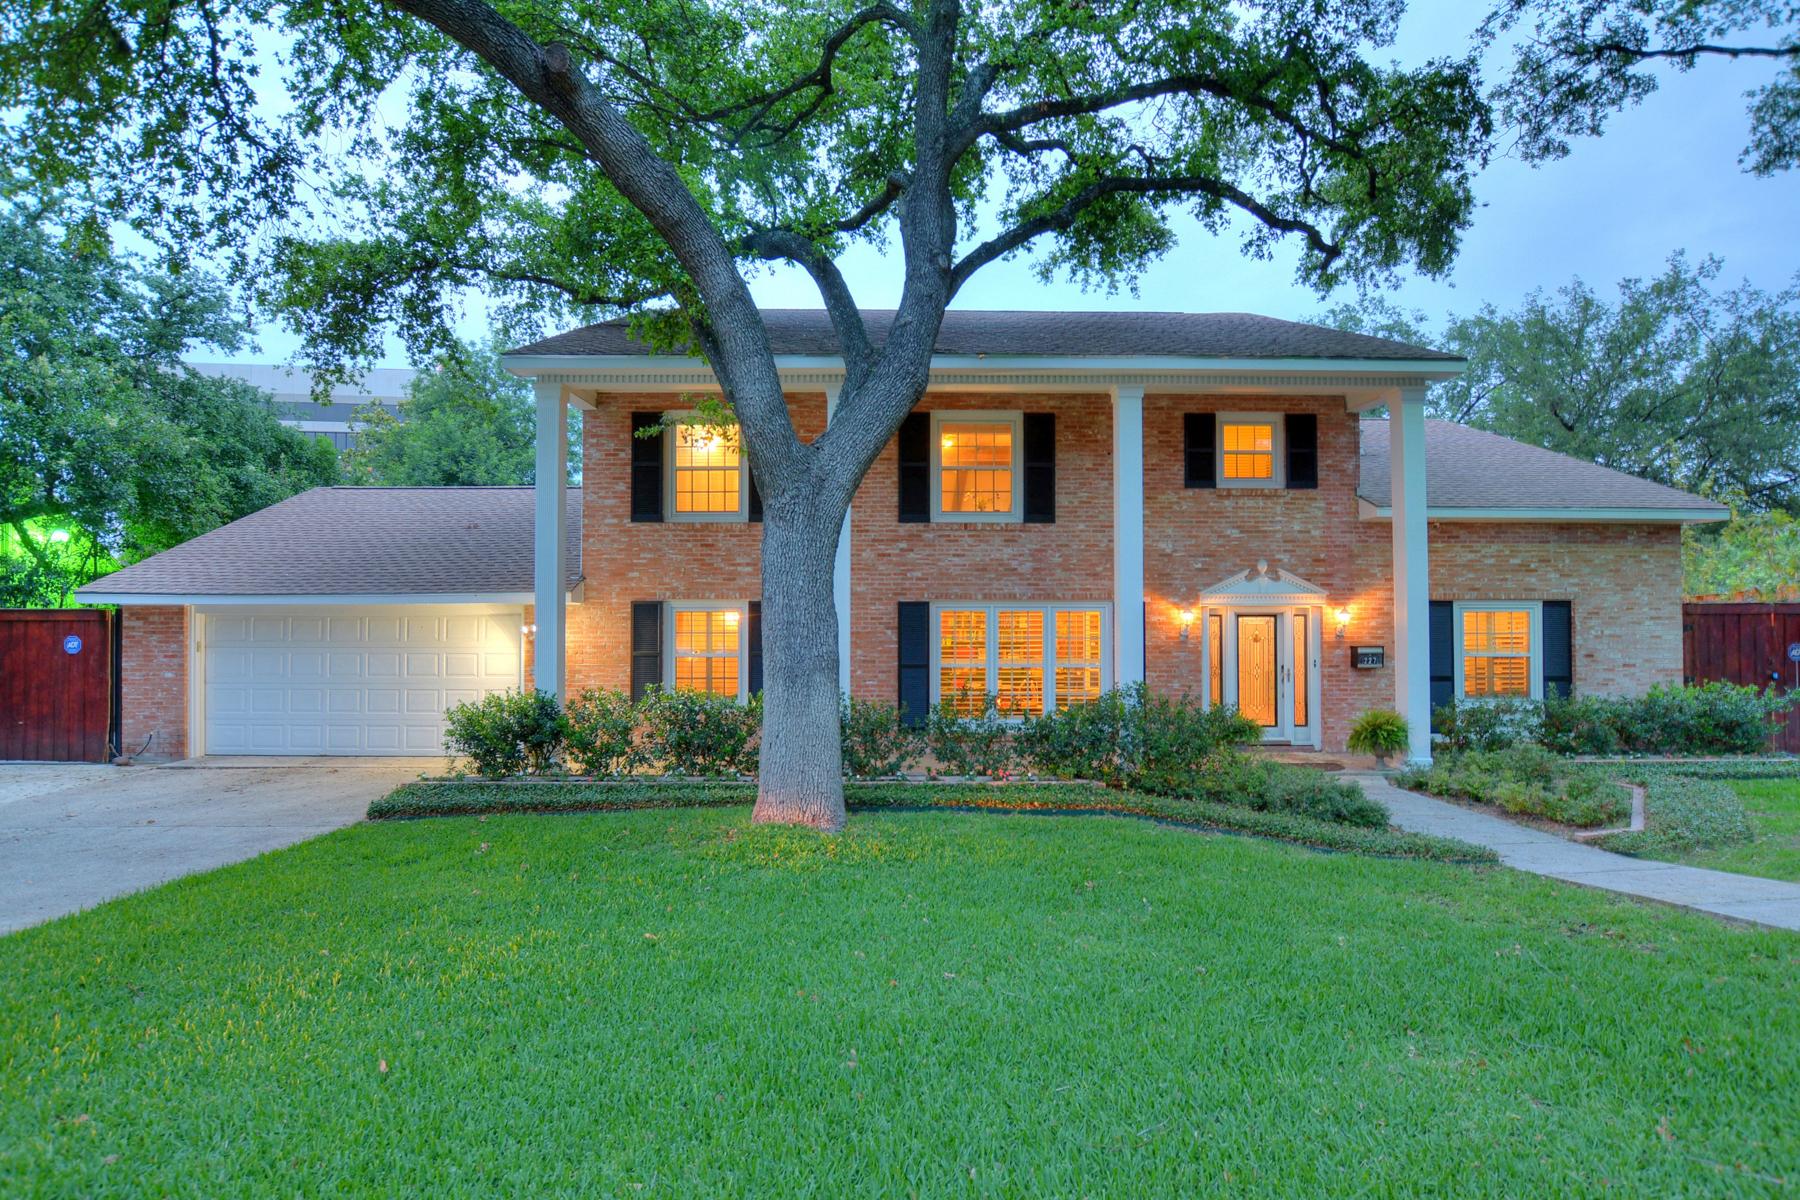 Maison unifamiliale pour l Vente à Beautiful Gem in Oak Park 227 Treasure Way Oak Park, San Antonio, Texas, 78209 États-Unis